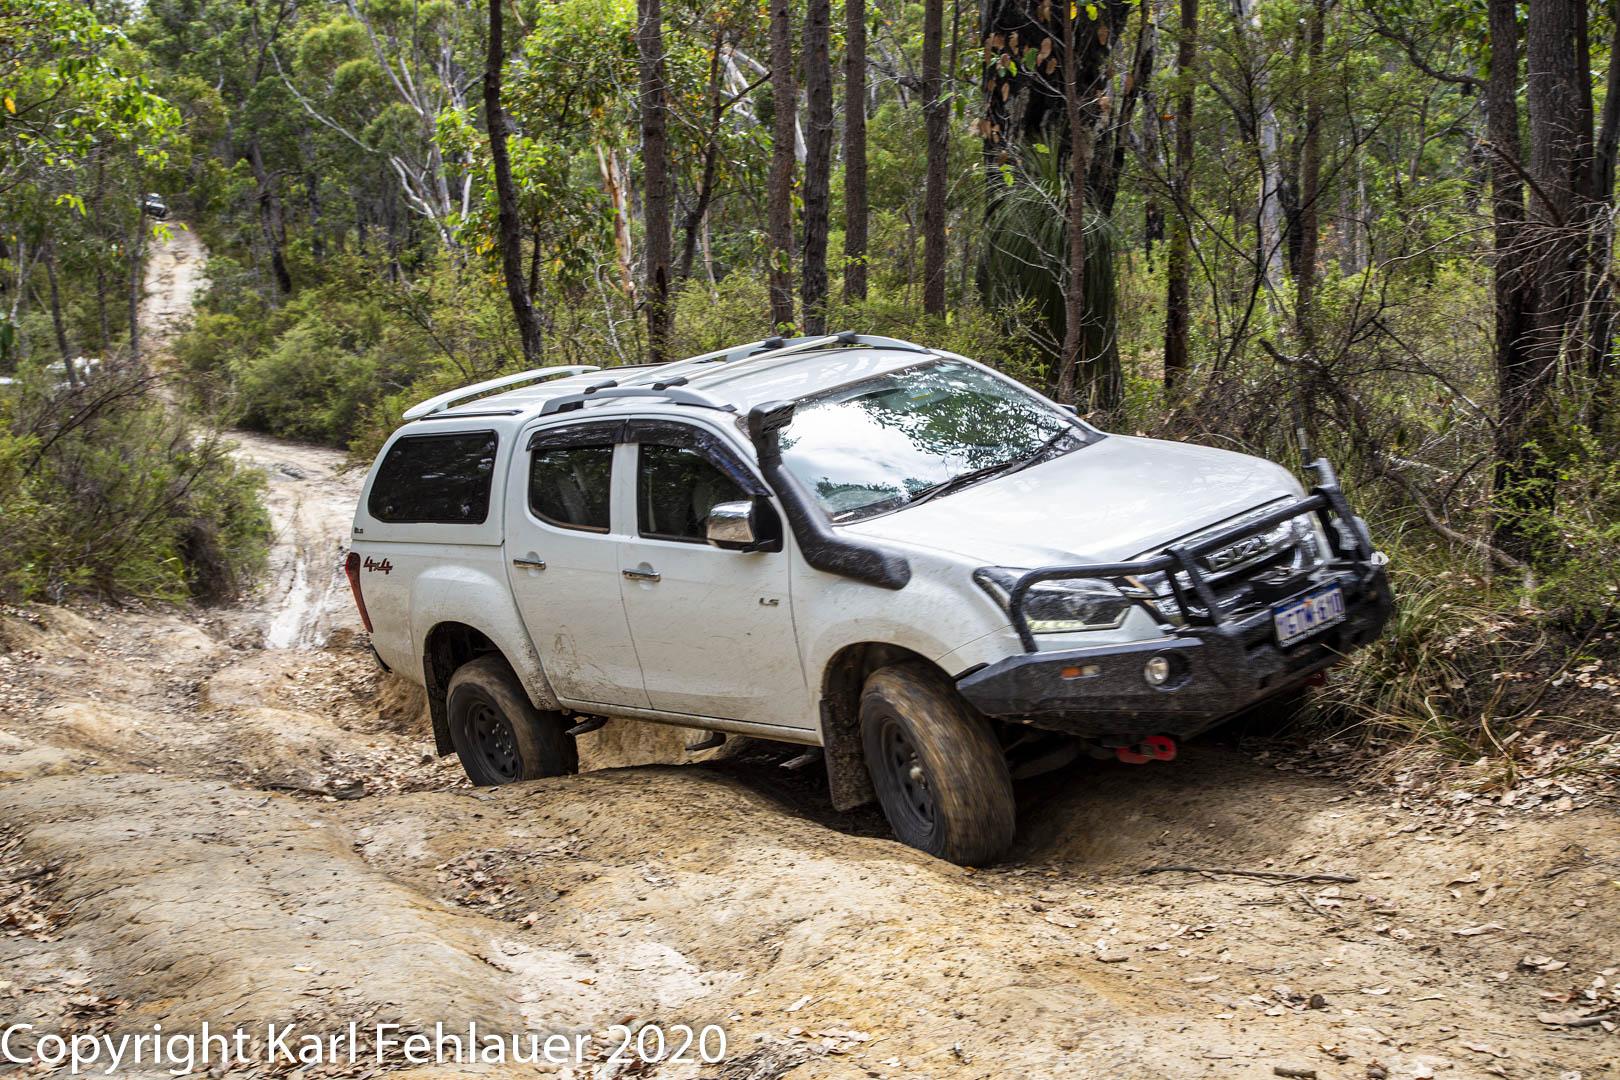 2020-03-01 4WD - 080-Edit.jpg